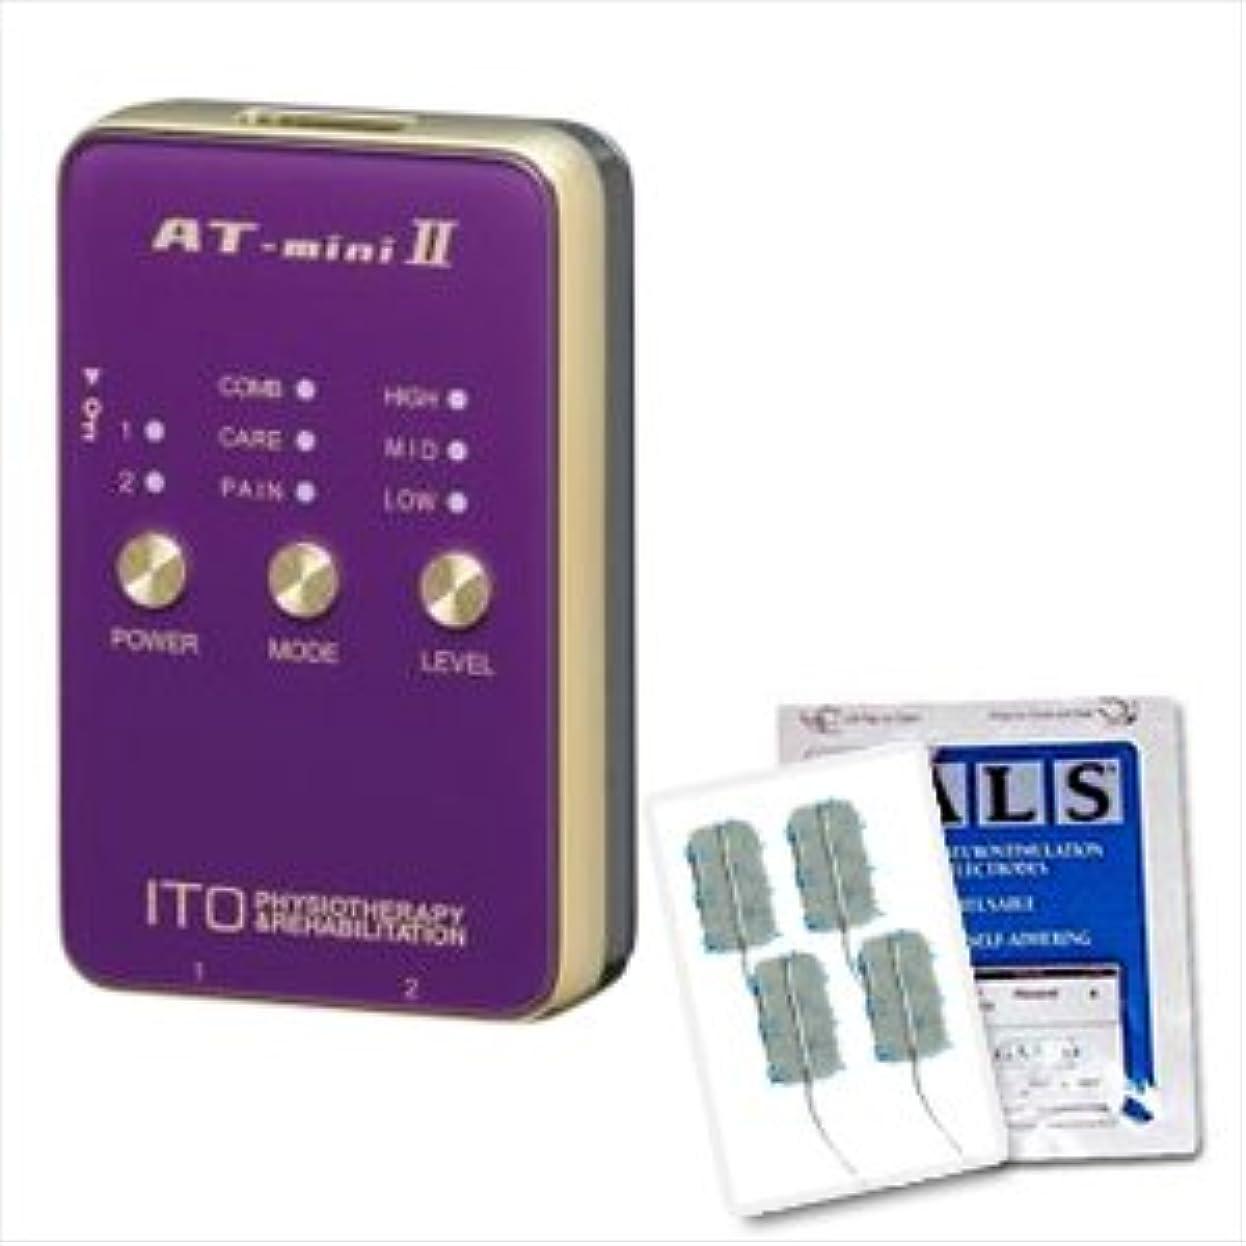 翻訳グローブスキー低周波治療器 AT-mini II パープル +アクセルガードLサイズ(5x9cm:1袋4枚入)セット